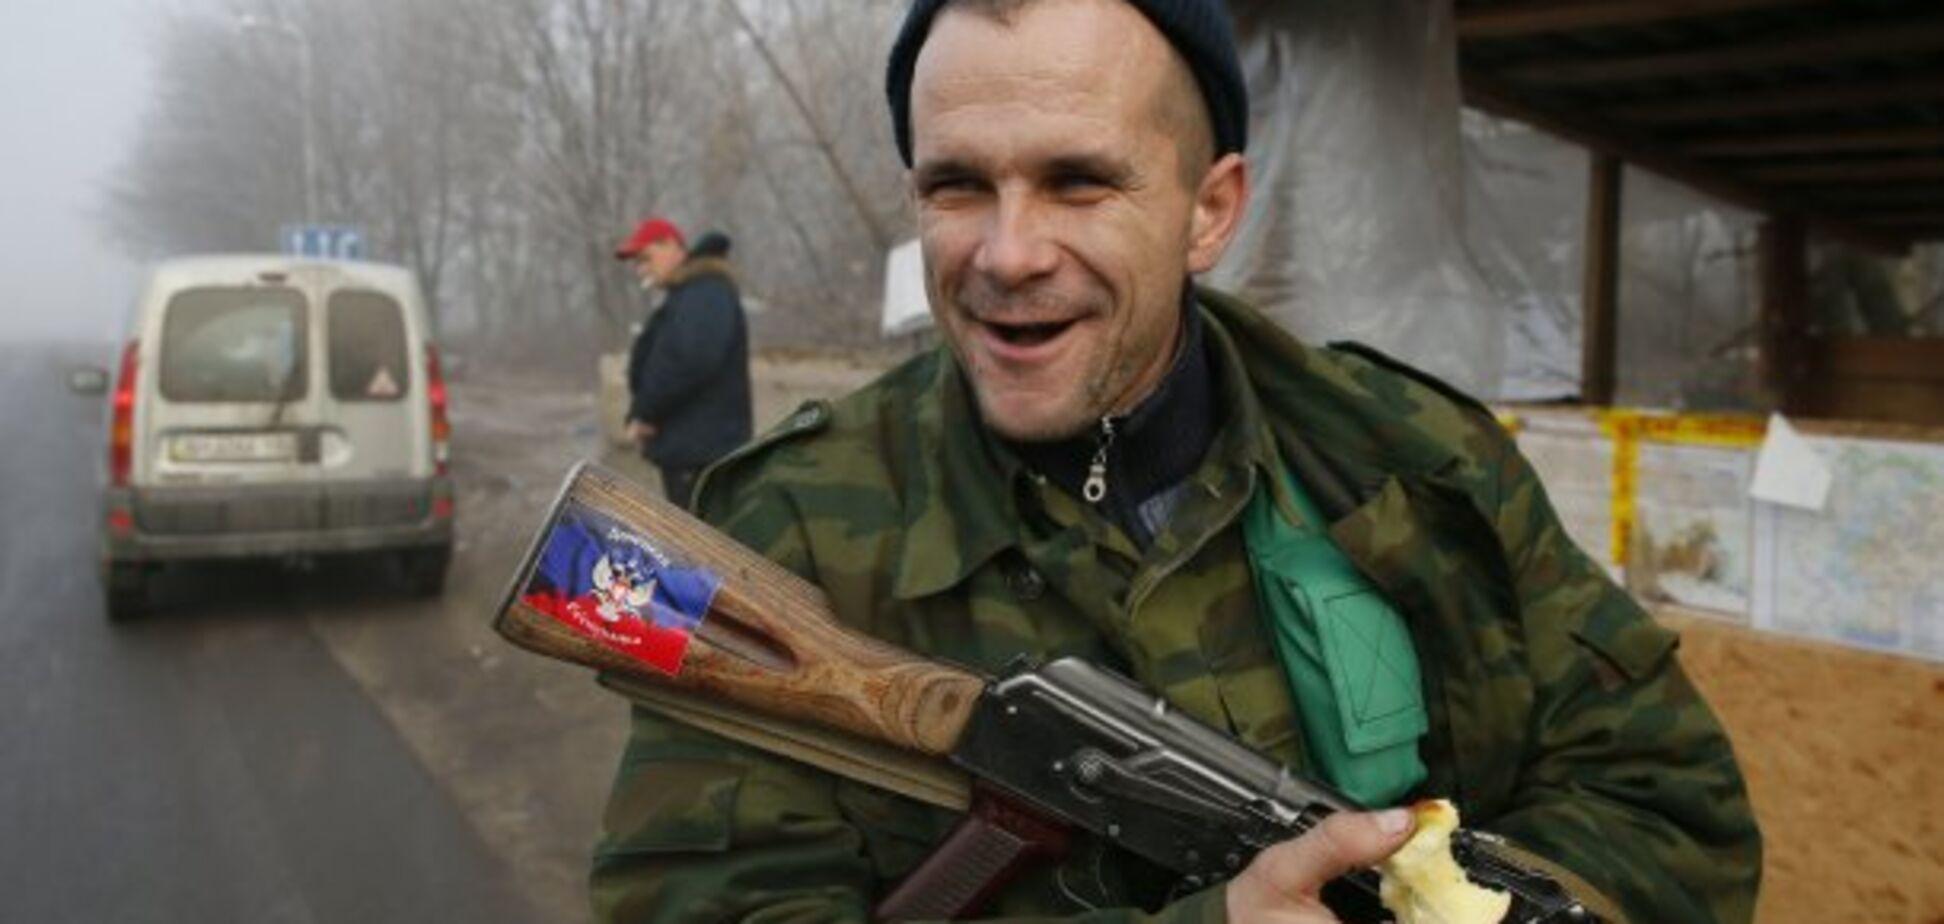 Як будуть амністувати терористів 'Л/ДНР': оприлюднено деталі